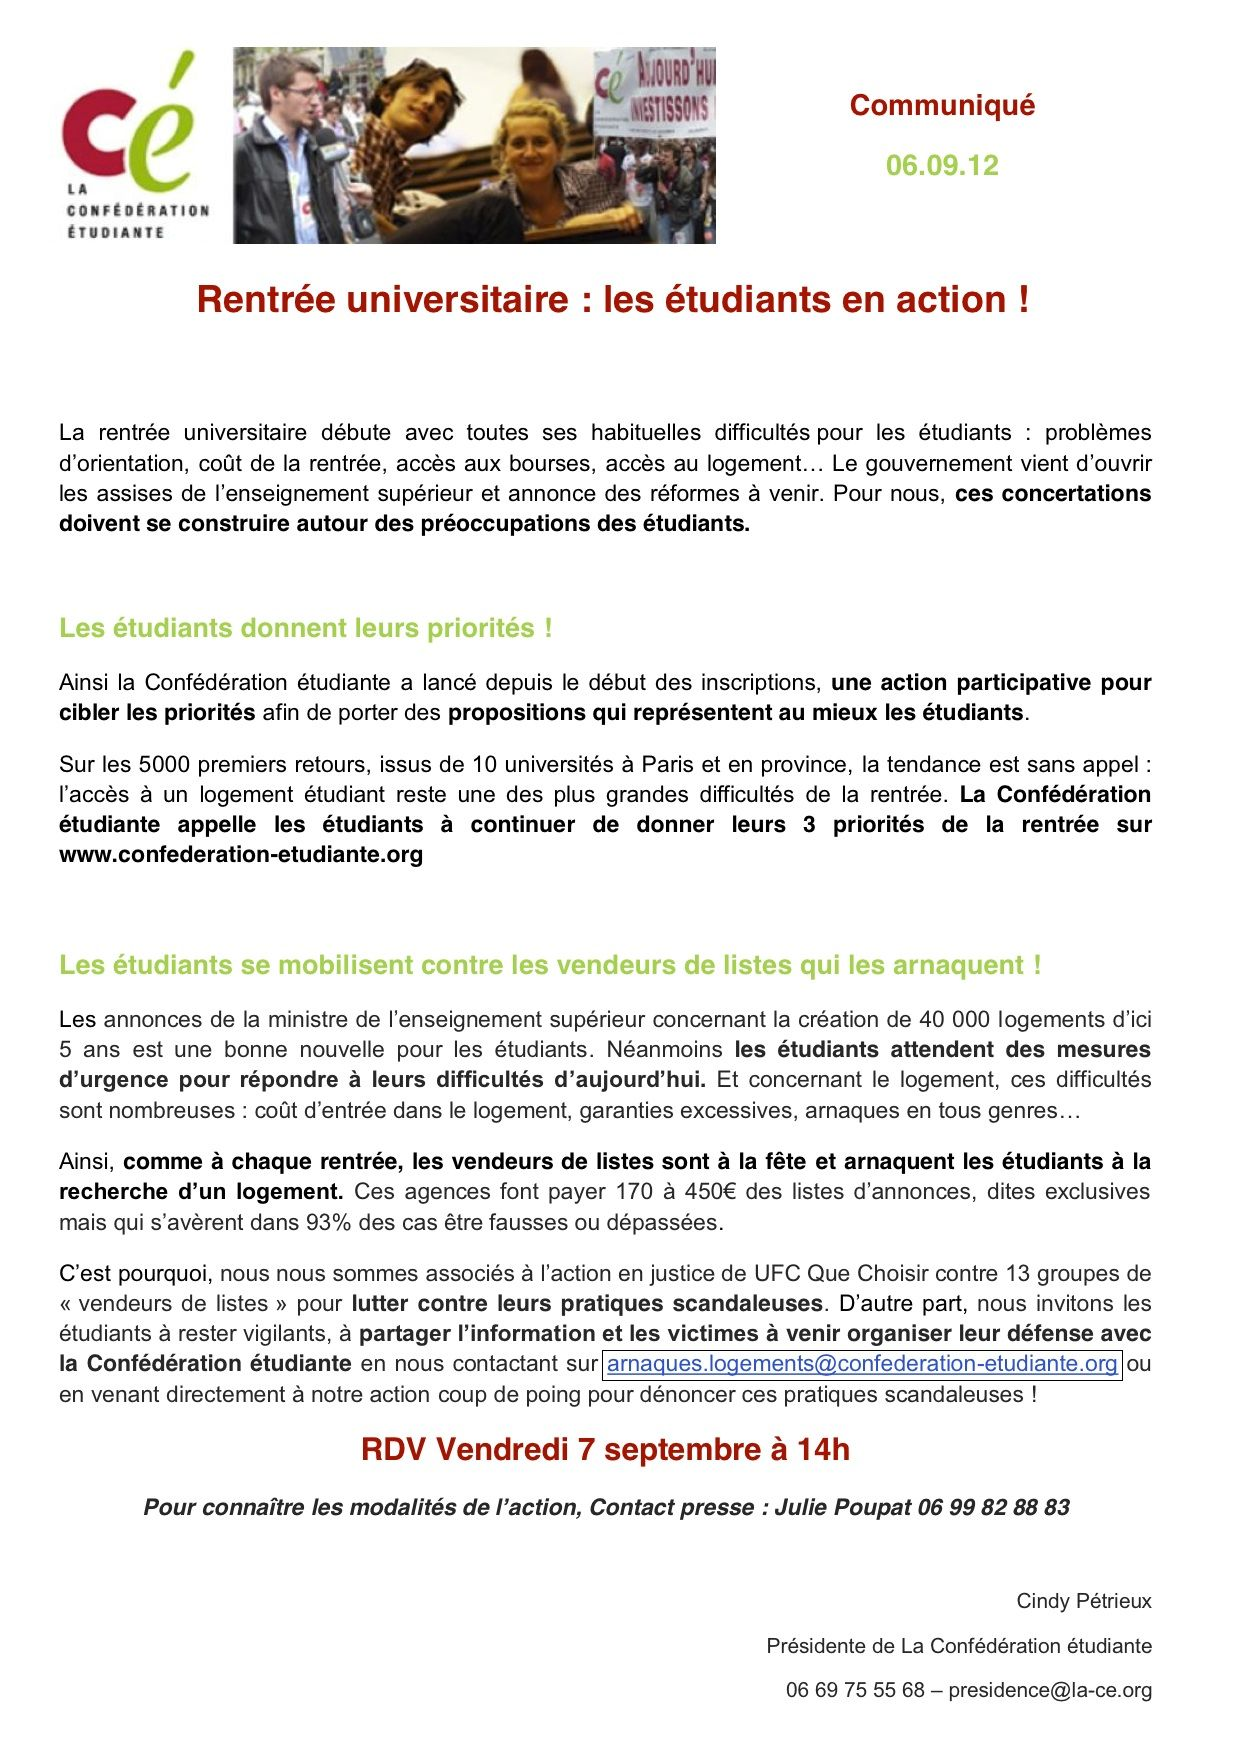 Communique De Presse Rentree Universitaire Les Etudiants En